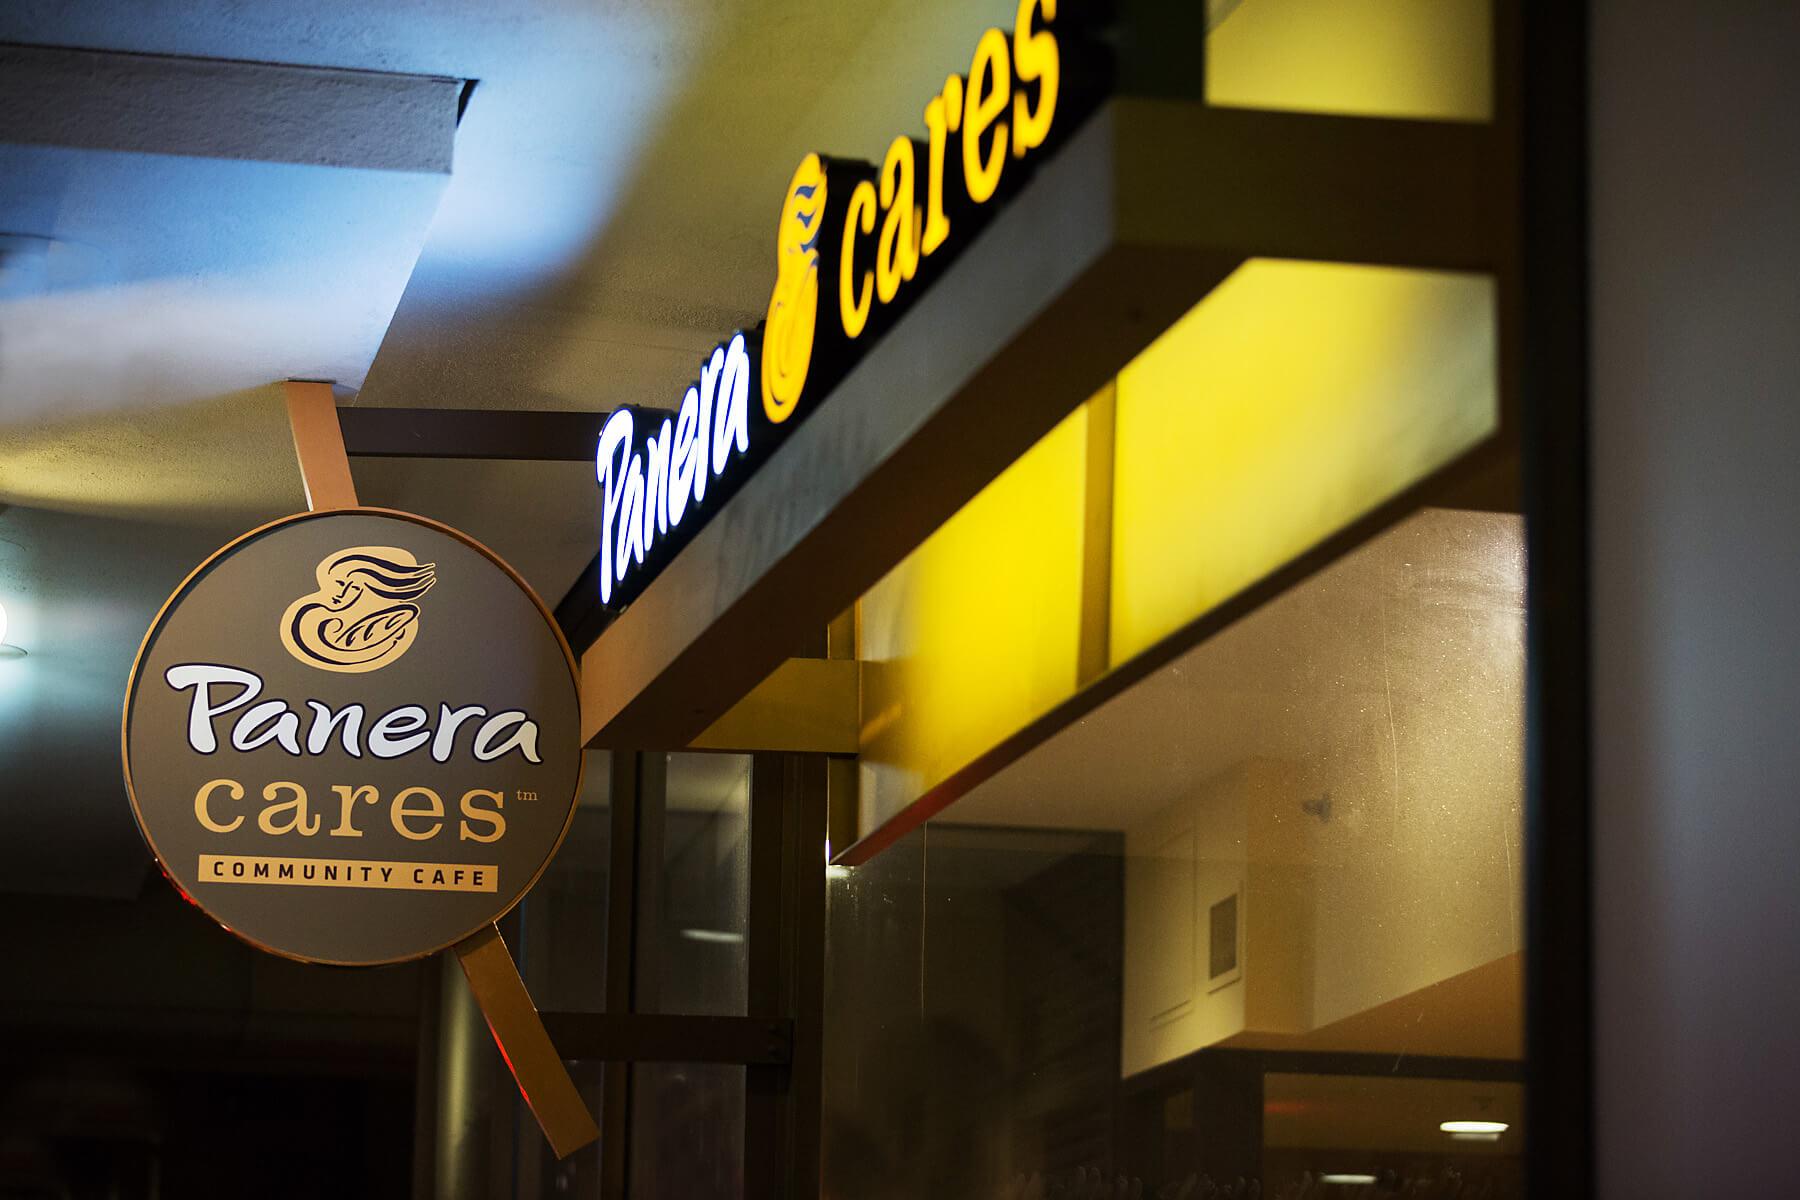 Panera Cares Cafe